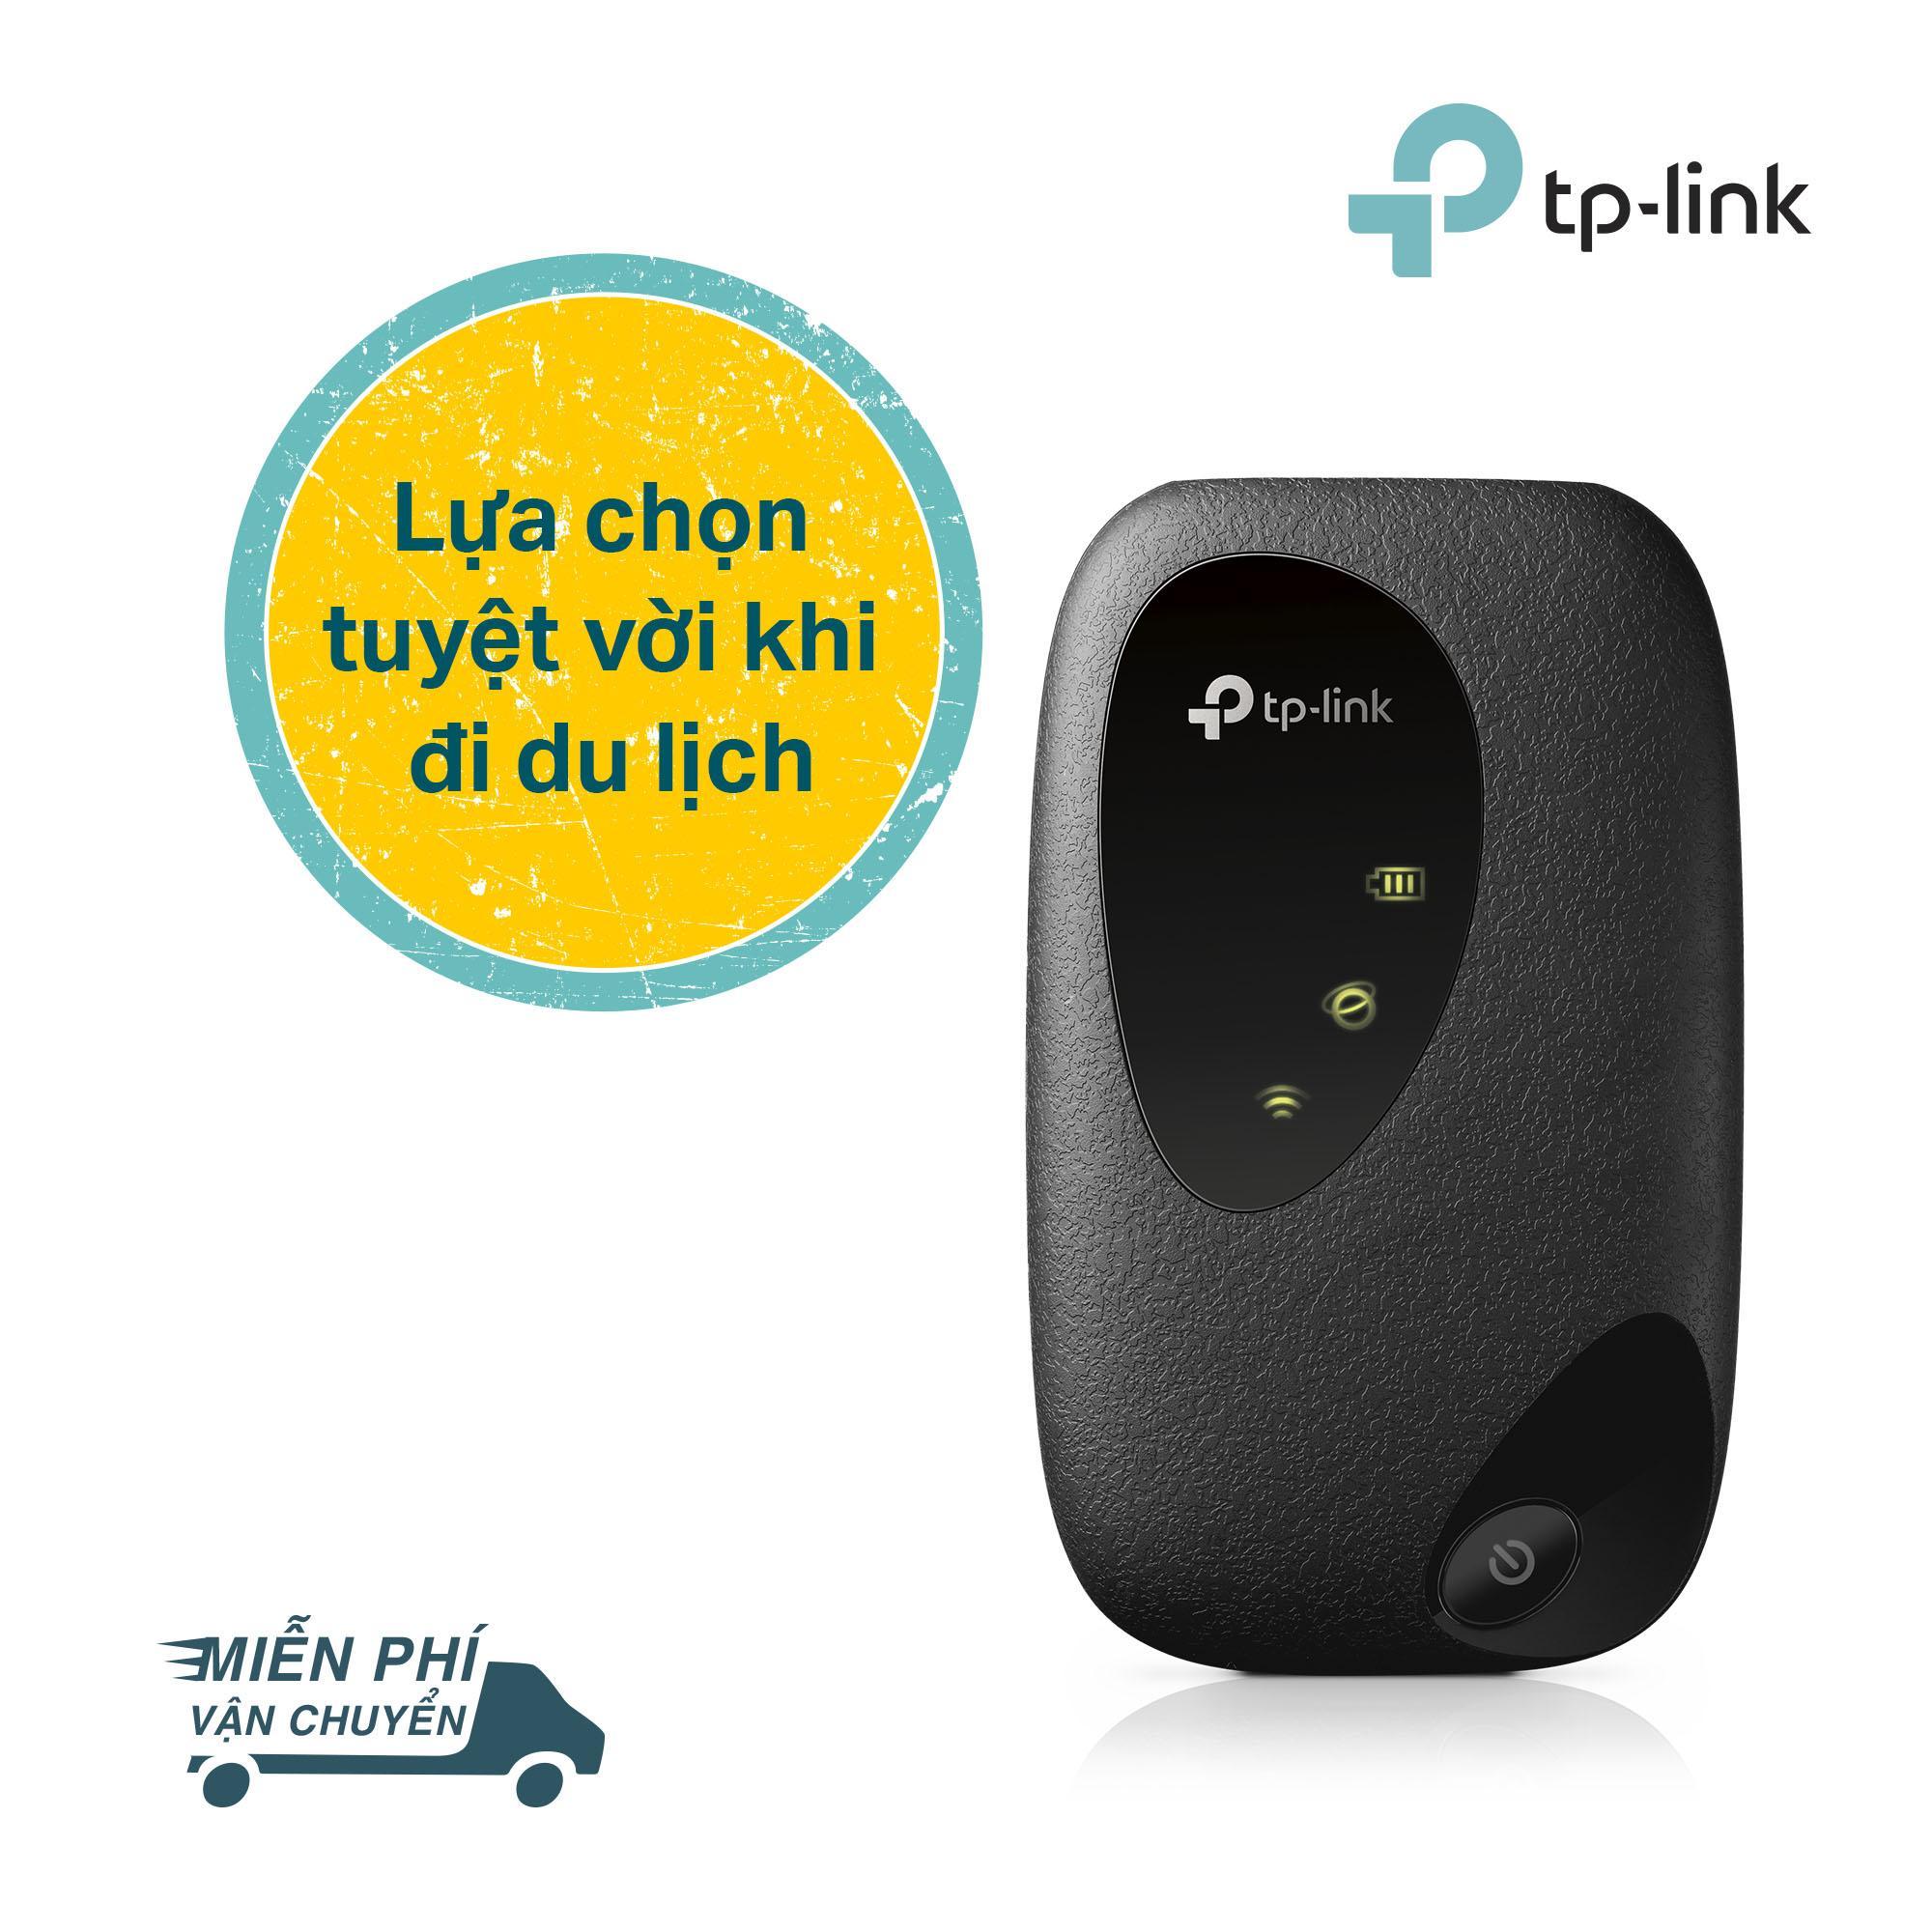 TP-Link bộ phát Wifi di động 4G kết nối wifi mọi lúc mọi nơi M7200 - Hãng phân phối chính thức